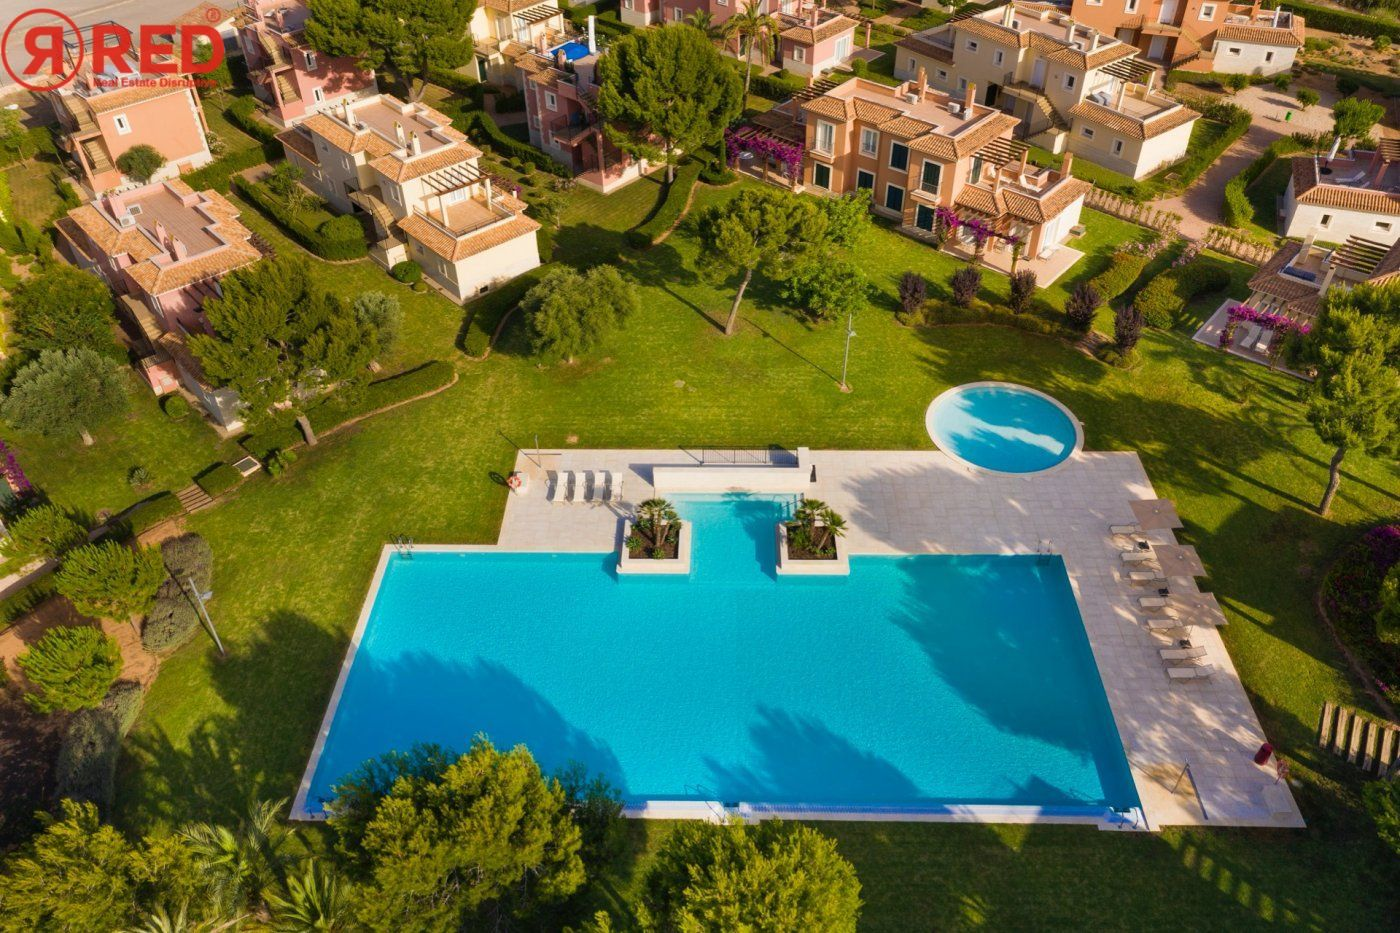 Se vende exclusivas viviendas de lujo en mallorca - imagenInmueble25